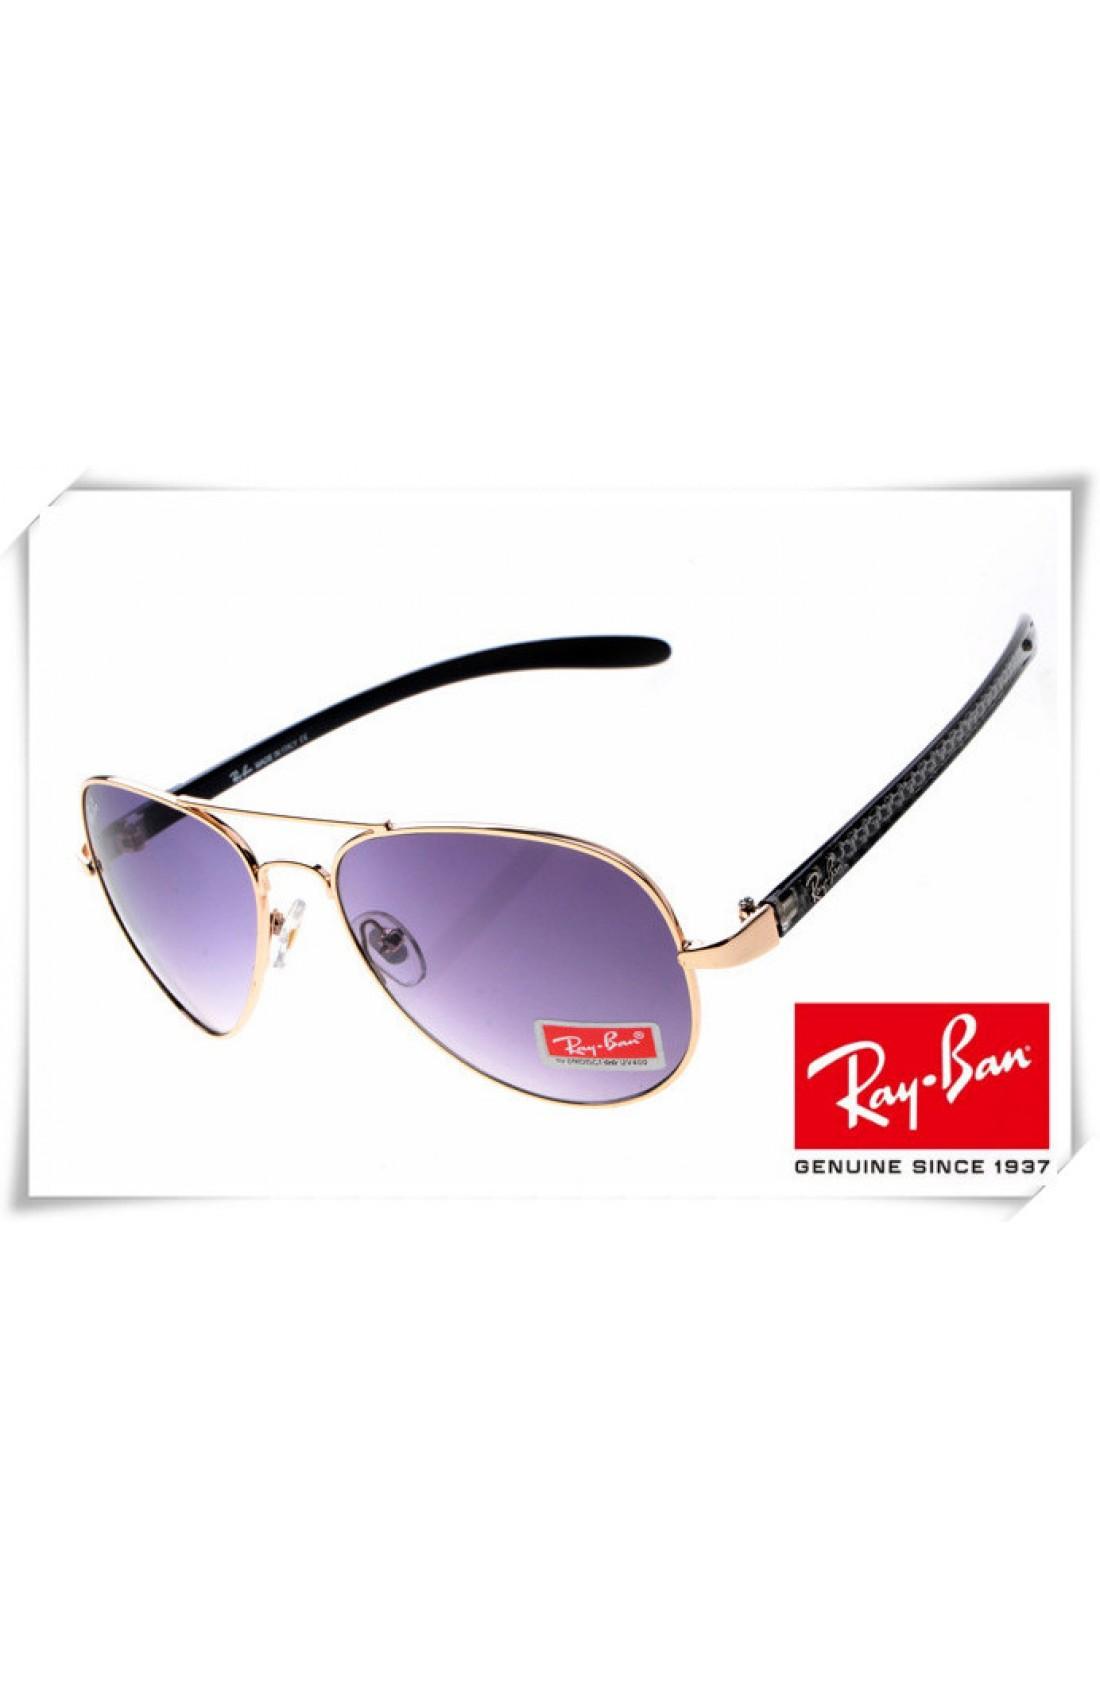 3a5095ab60 Replica Ray Ban RB8307 Aviator Tech Sunglasses Carbon Fibre Gold ...